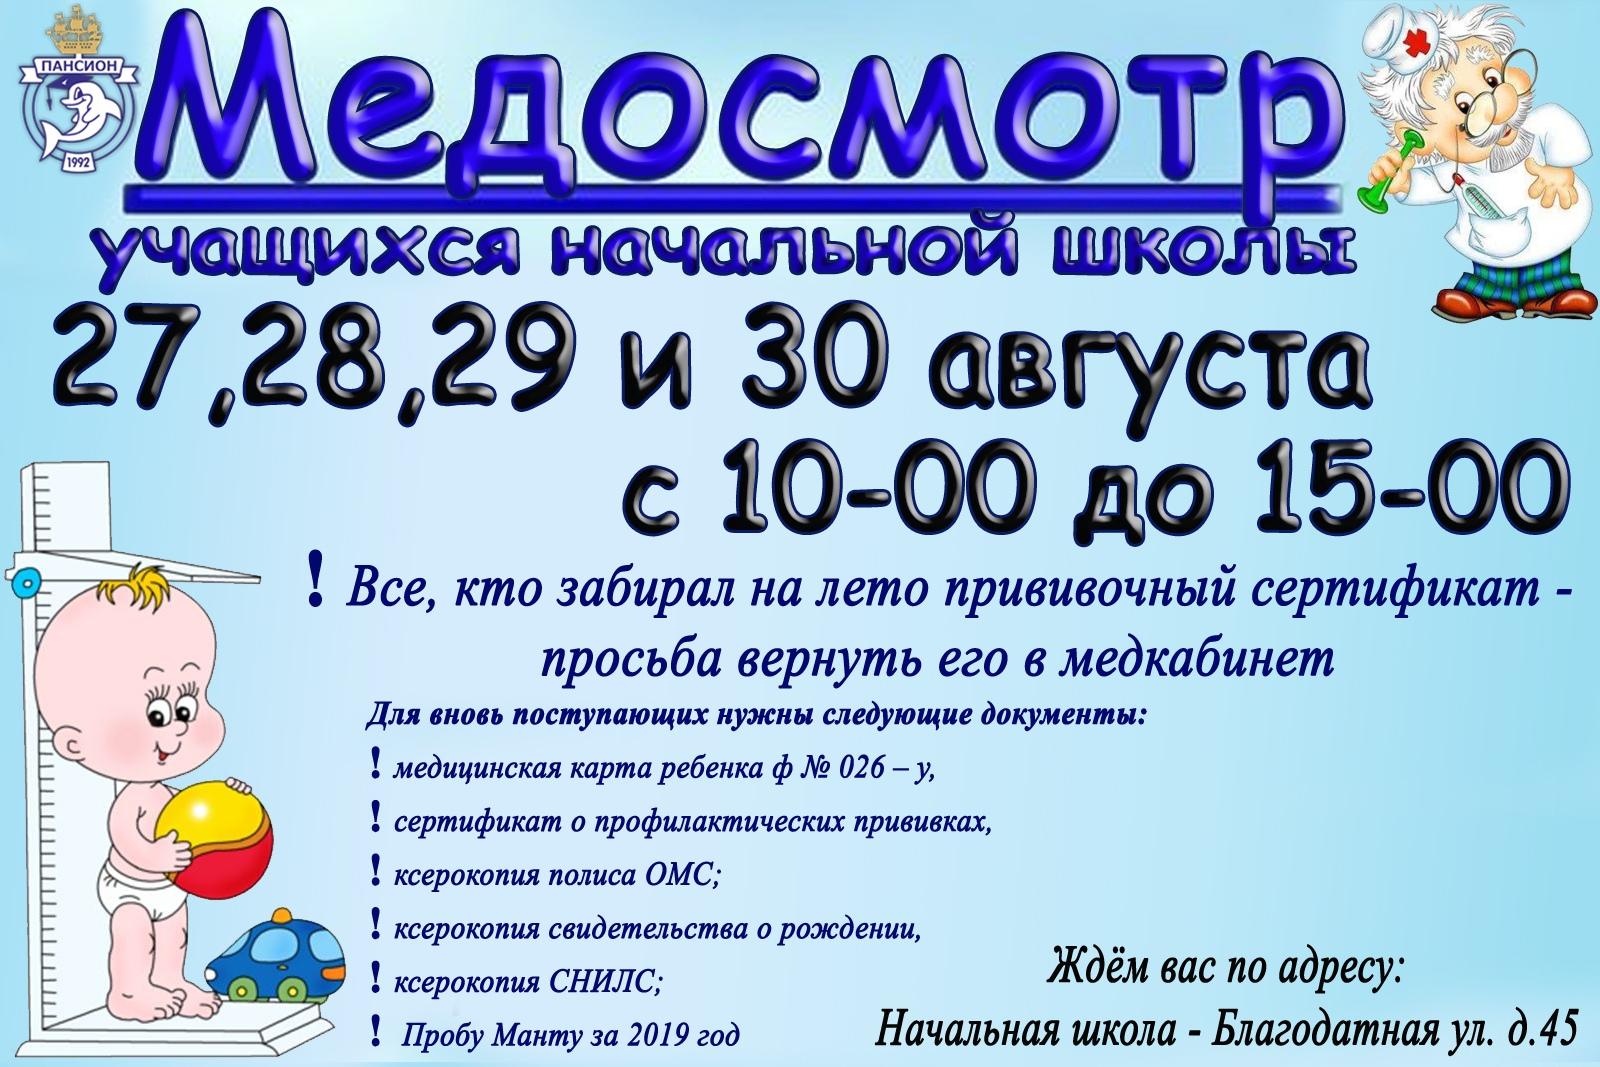 Медосмотр учащихся школы будет проходить с 27 по 30 августа  с 10.00 до 15.00